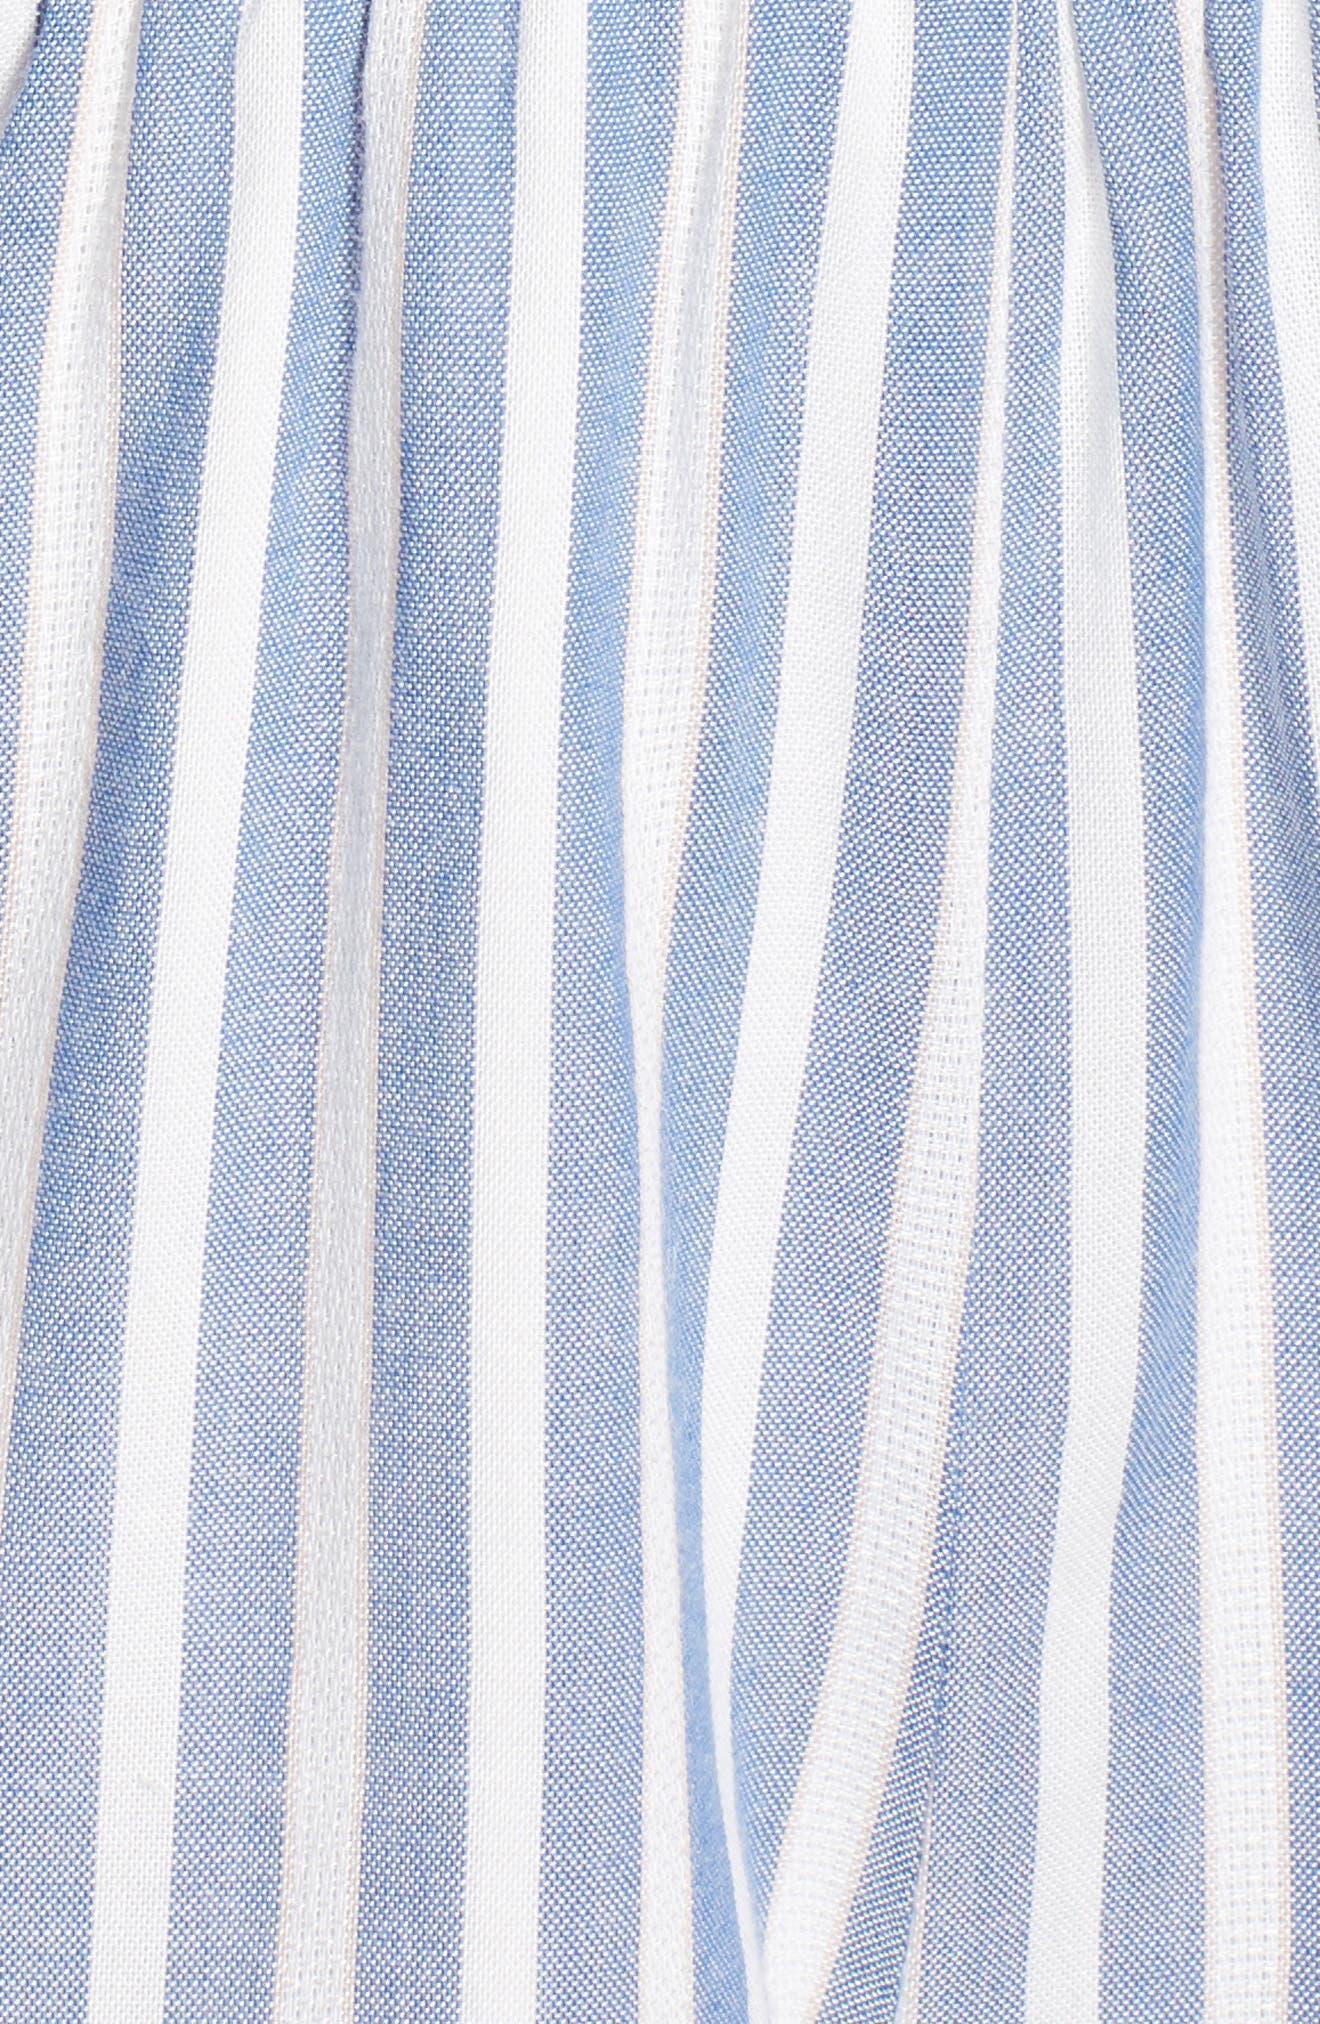 Smocked Romper,                             Alternate thumbnail 6, color,                             Blue/ White